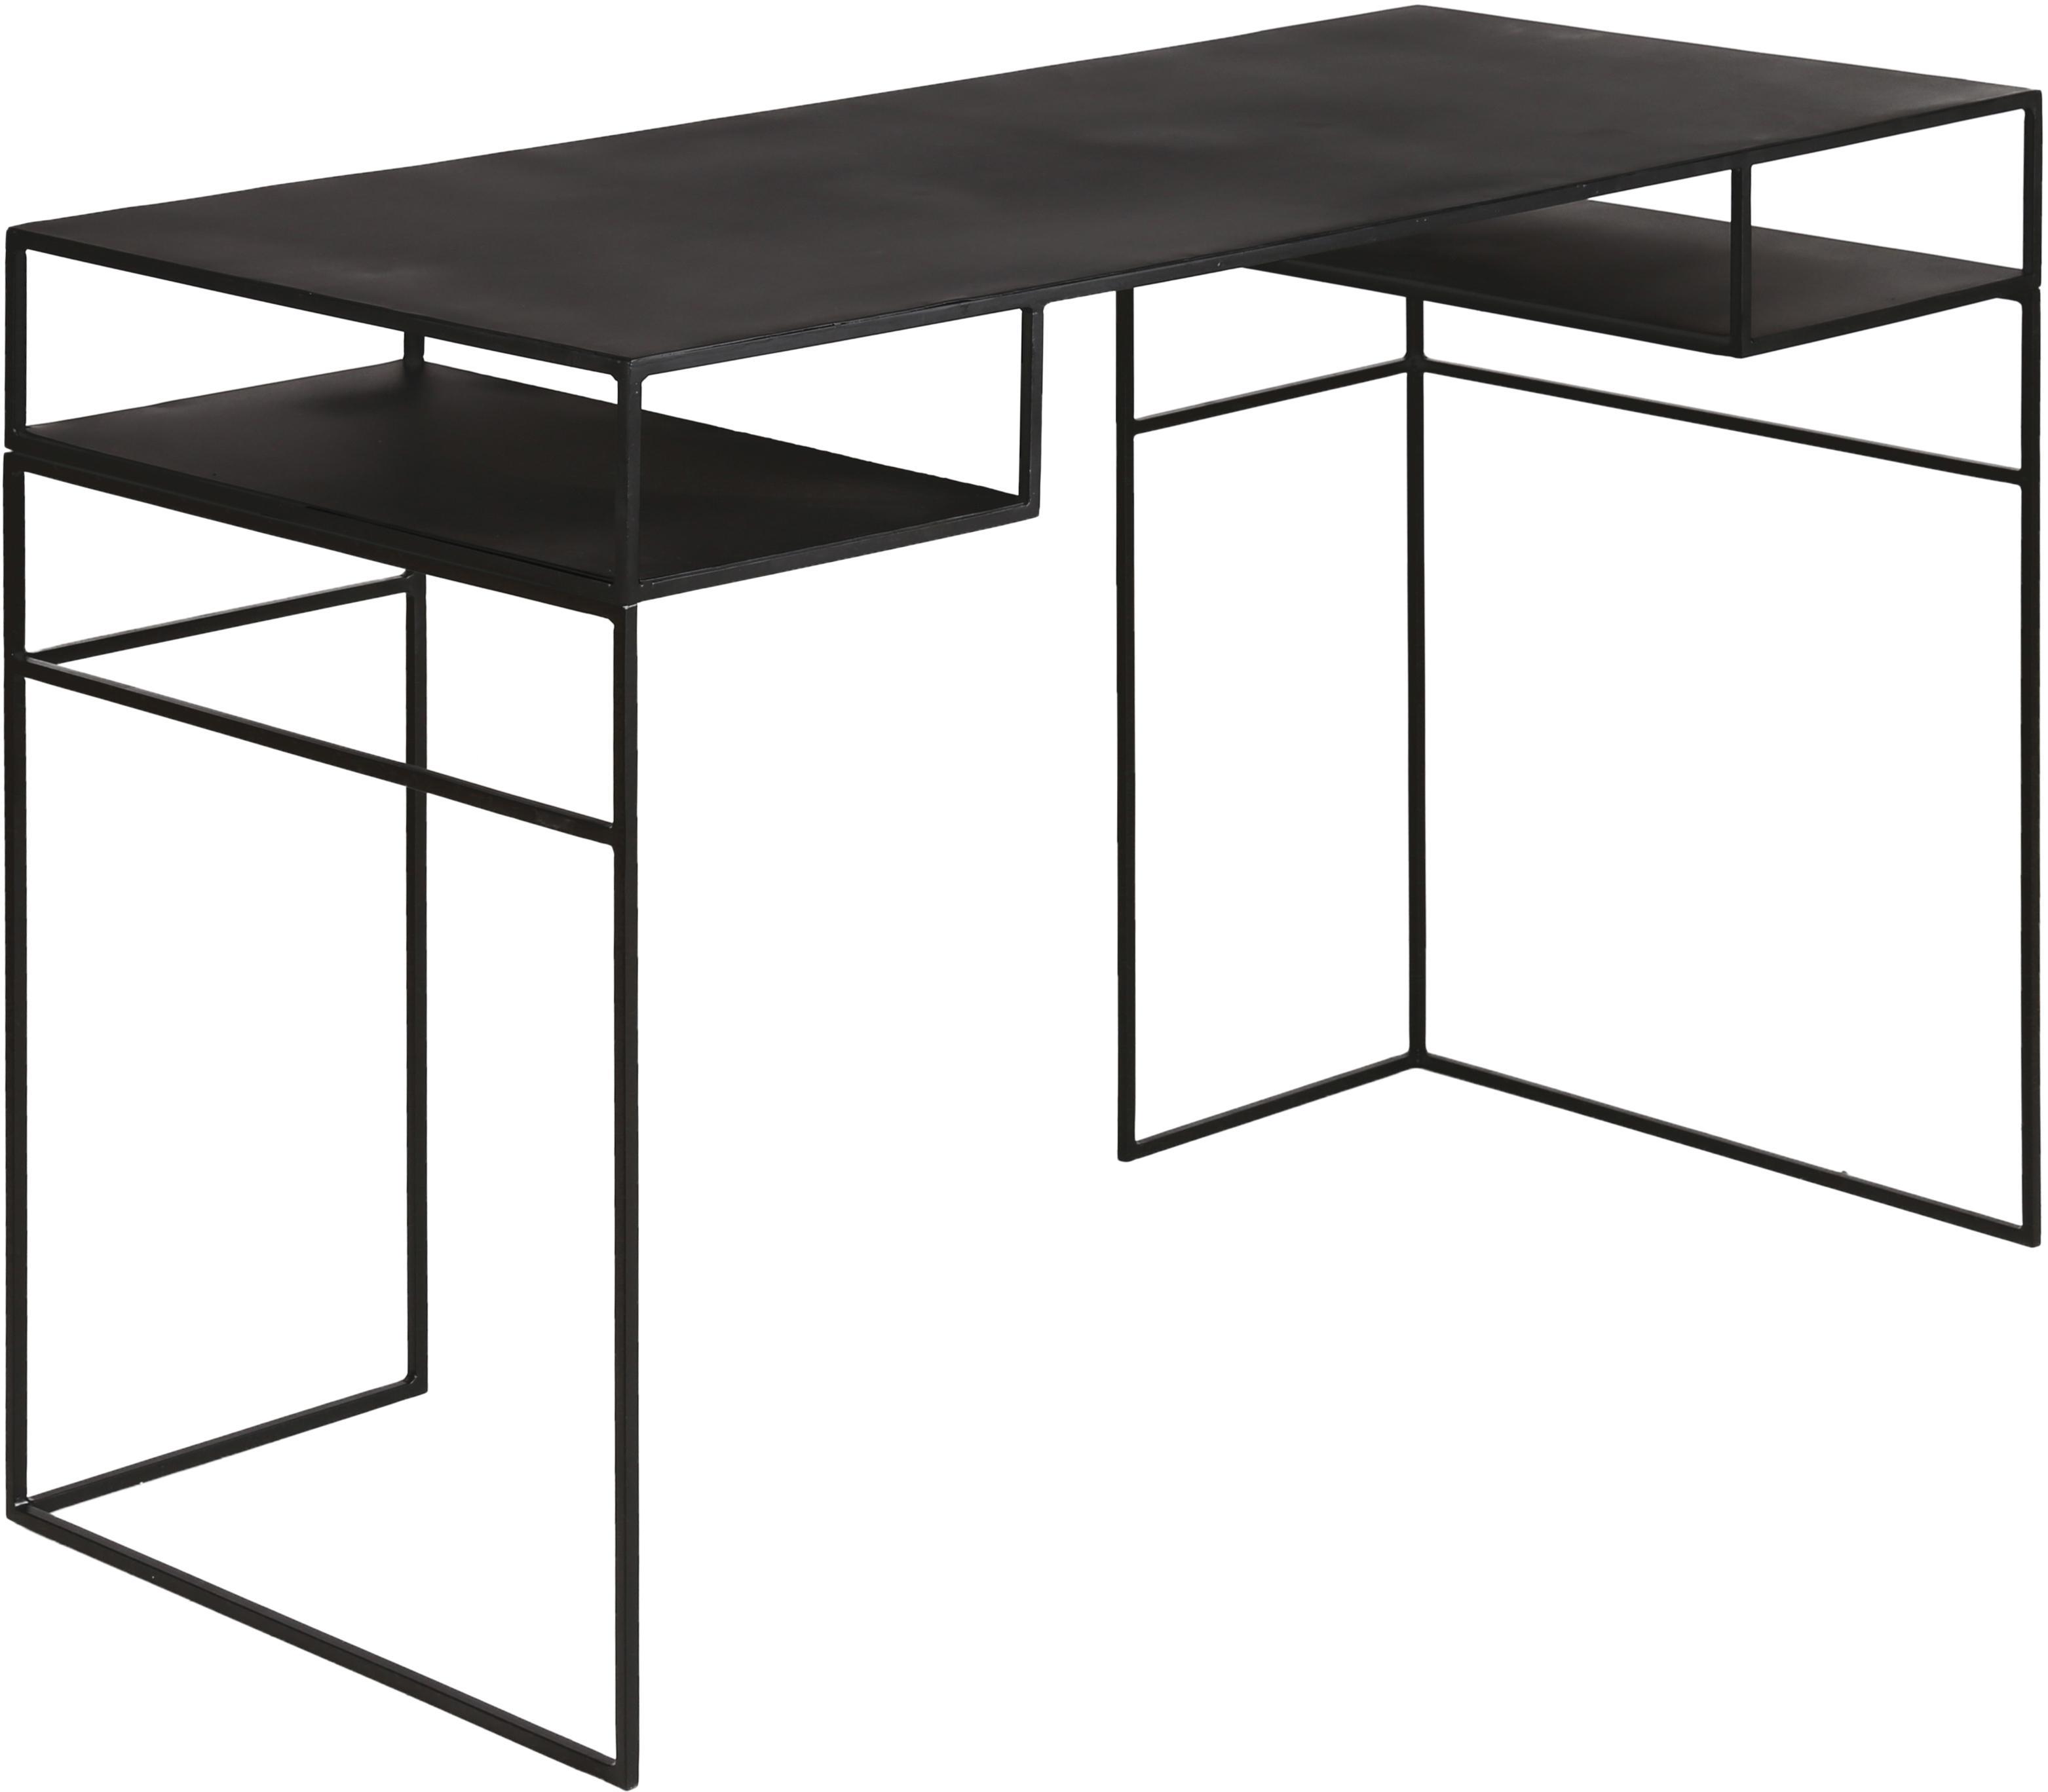 Scrivania in metallo nero Expo, Metallo rivestito, Nero, Larg. 120 x Prof. 55 cm